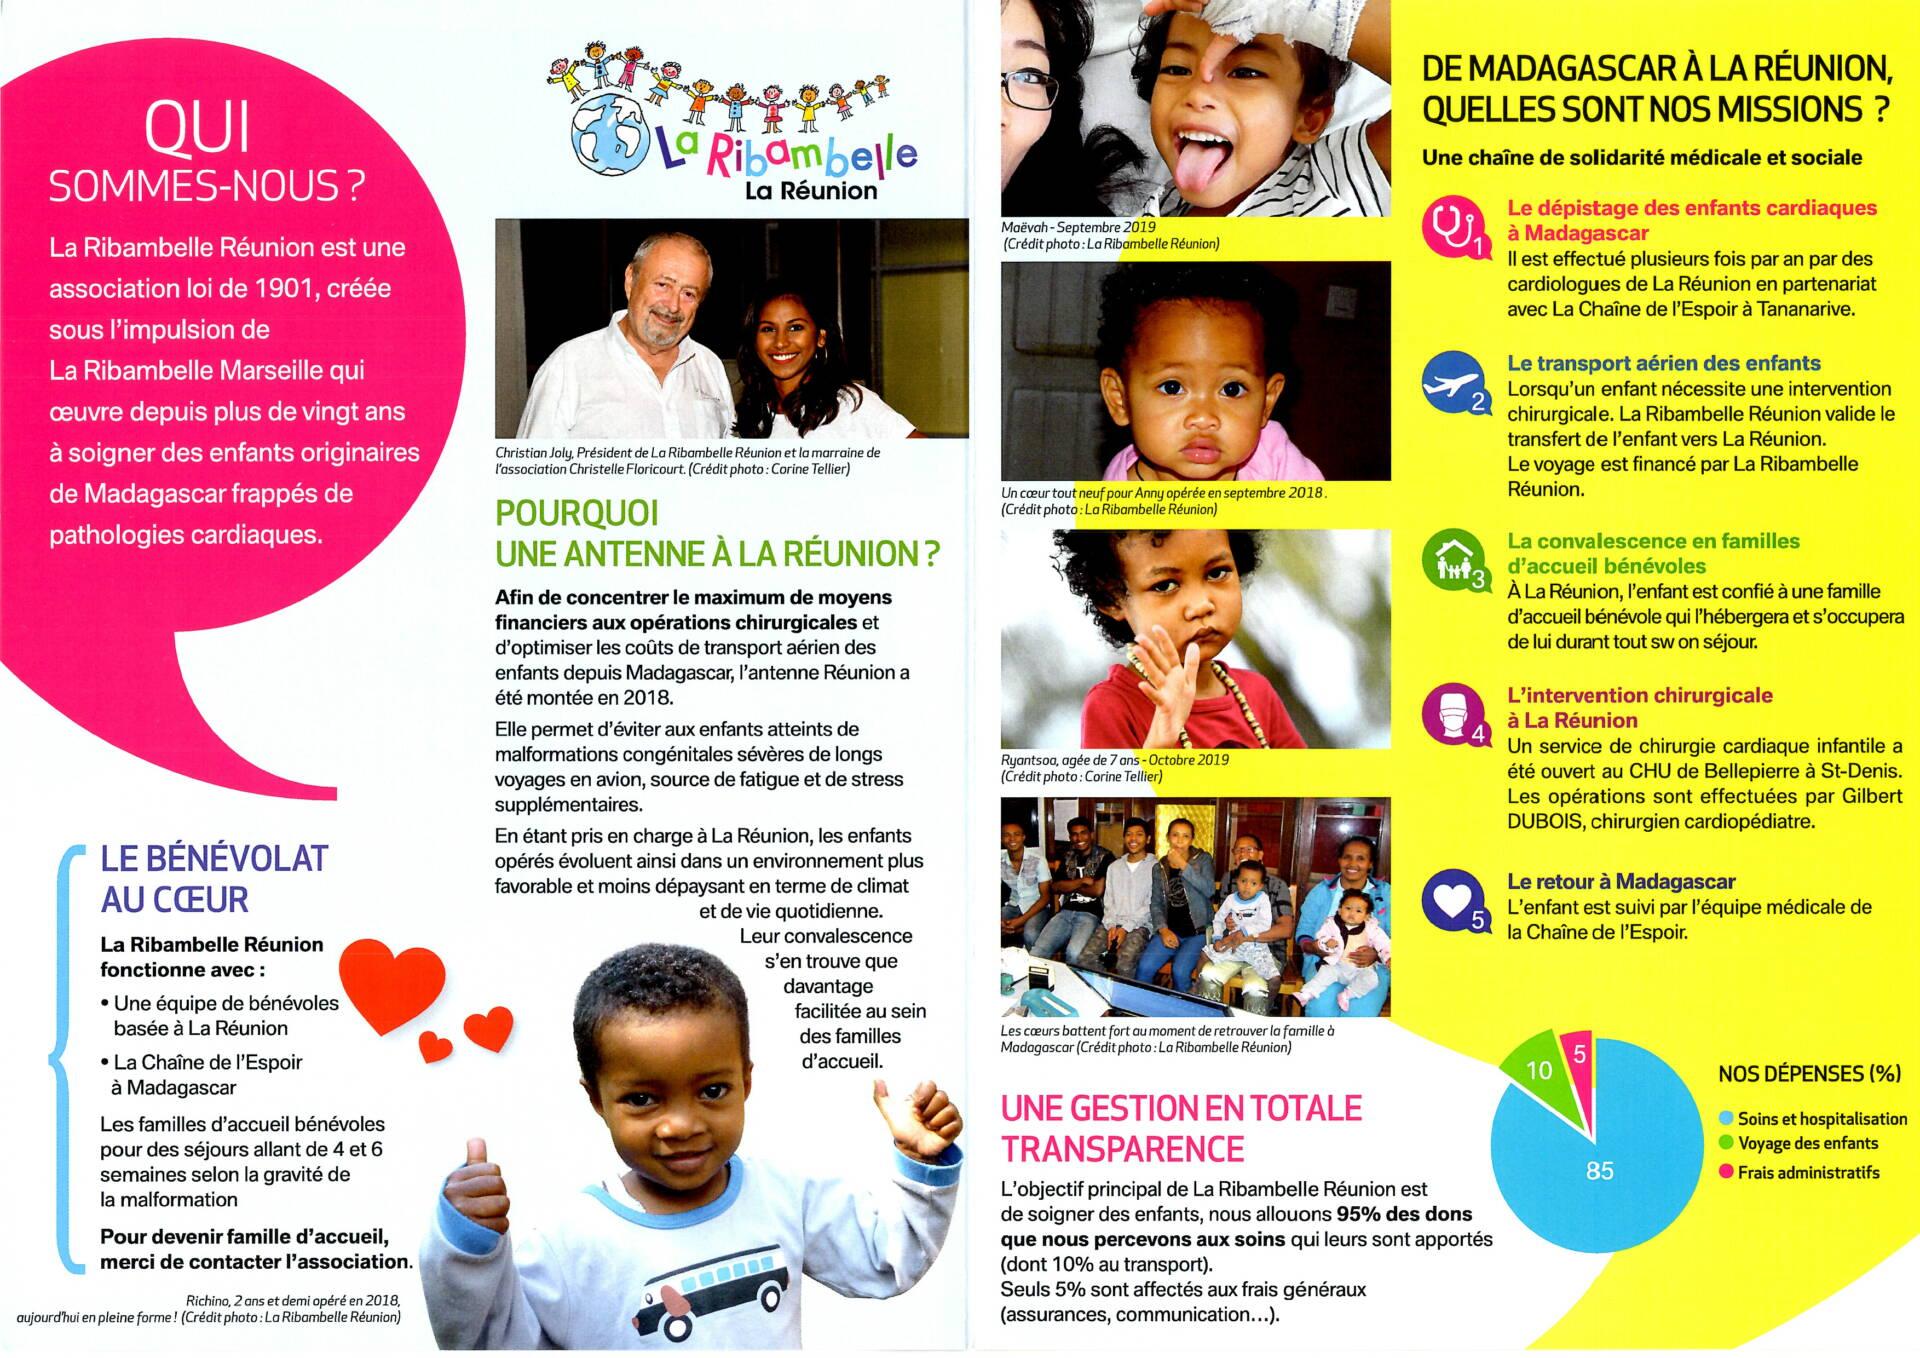 Soigner les enfants cardiaques malgaches à La Réunion 974 | La Ribambelle